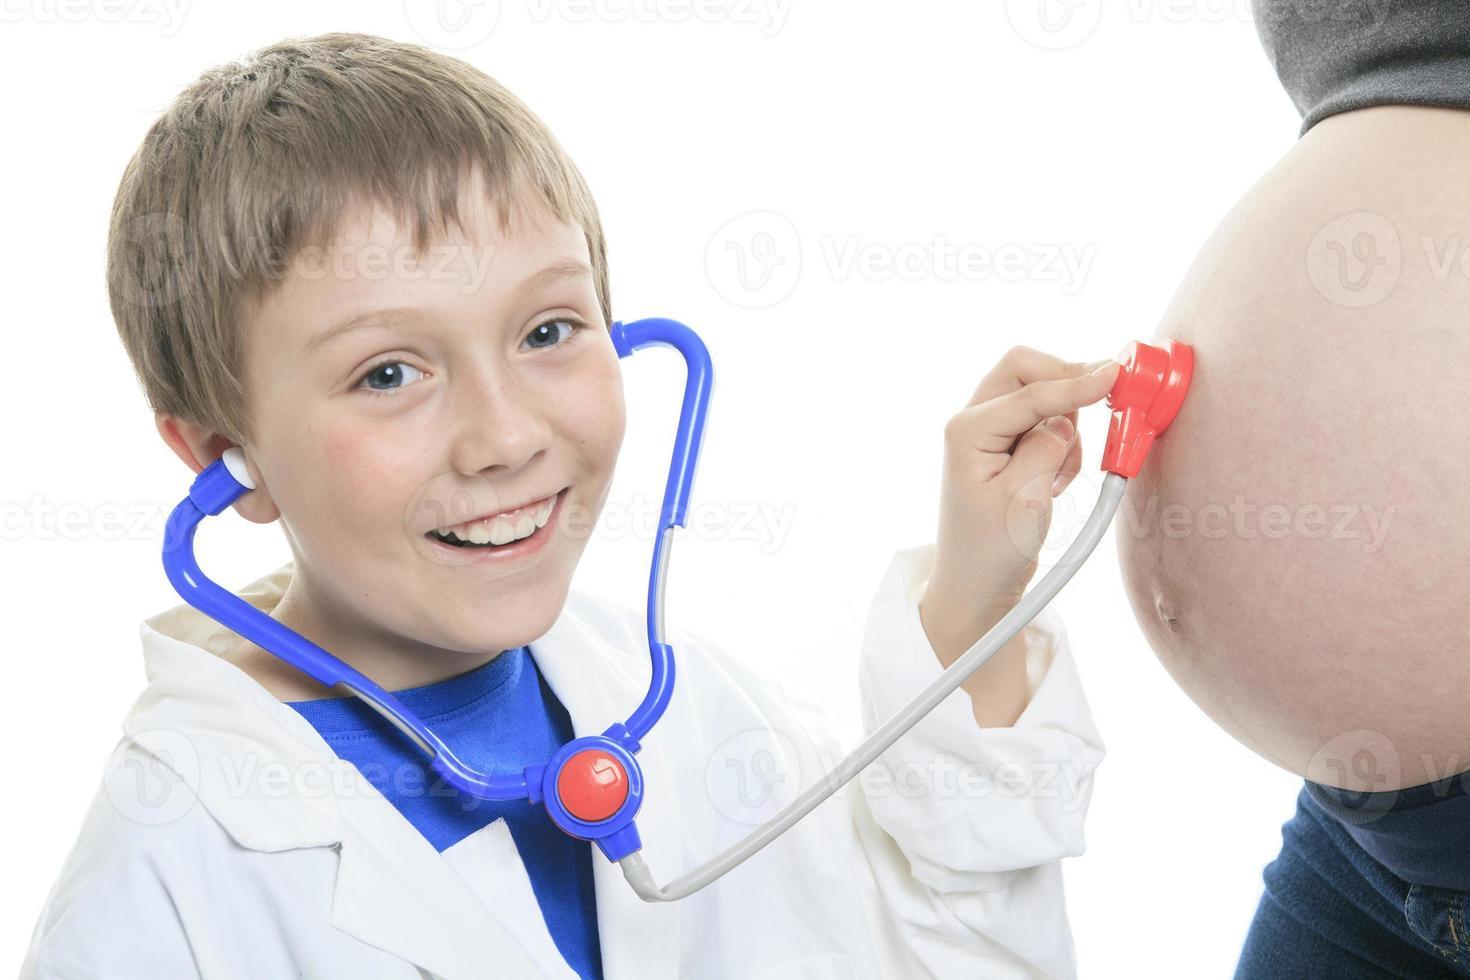 alegre irmãozinho ouvindo estetoscópio barriga foto